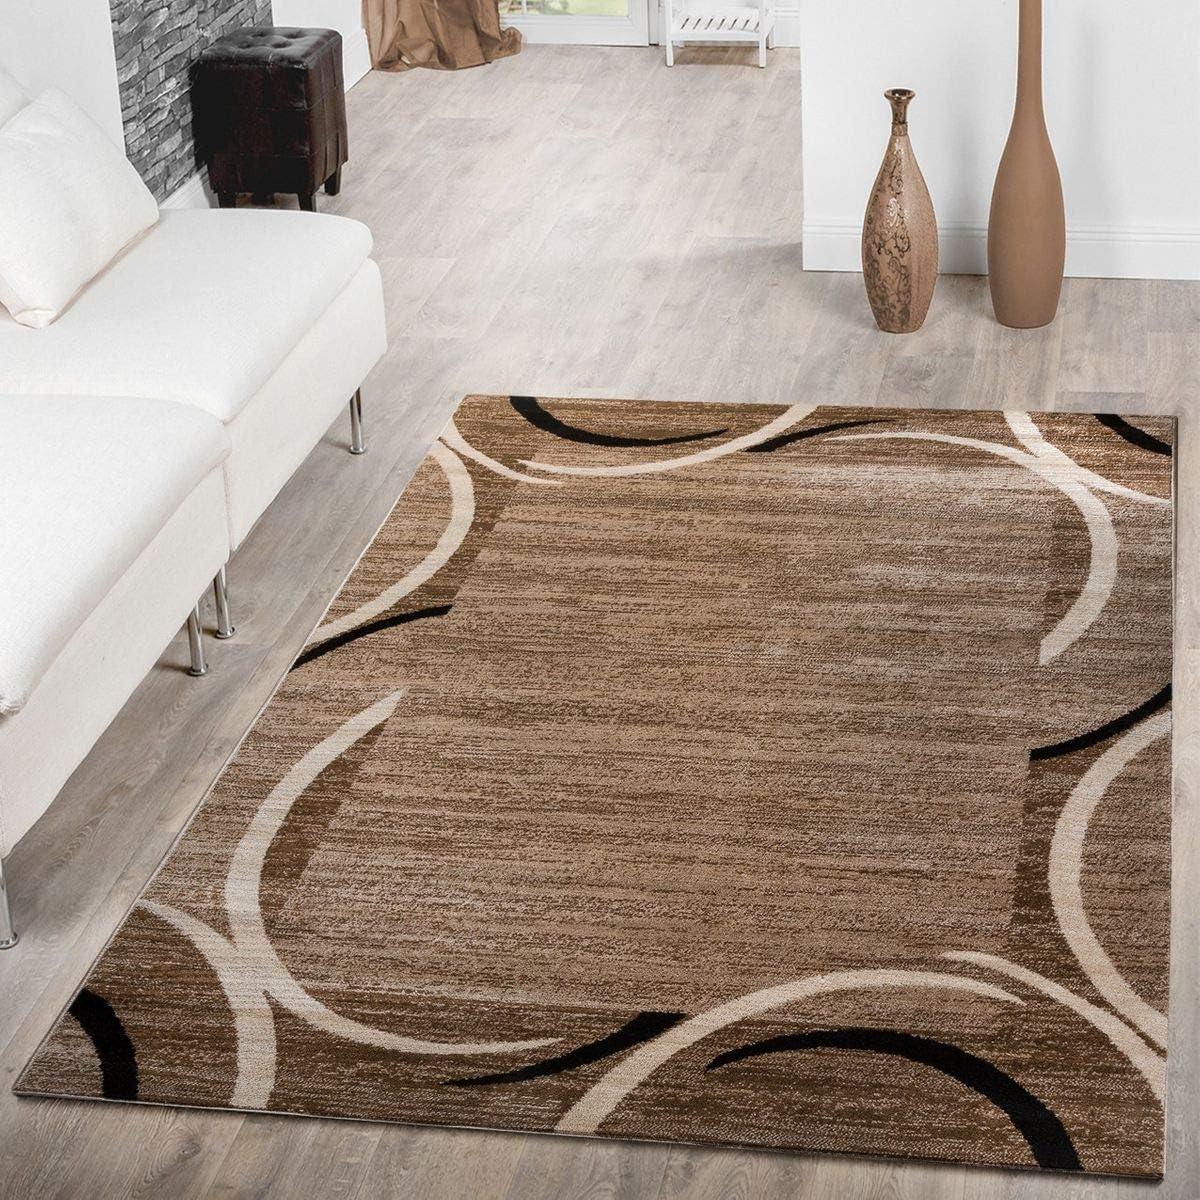 T&T Design Alfombra De Salón Económica con Ribete Motivo Semicírculos Jaspeada Marrón Beige, Größe:240x340 cm